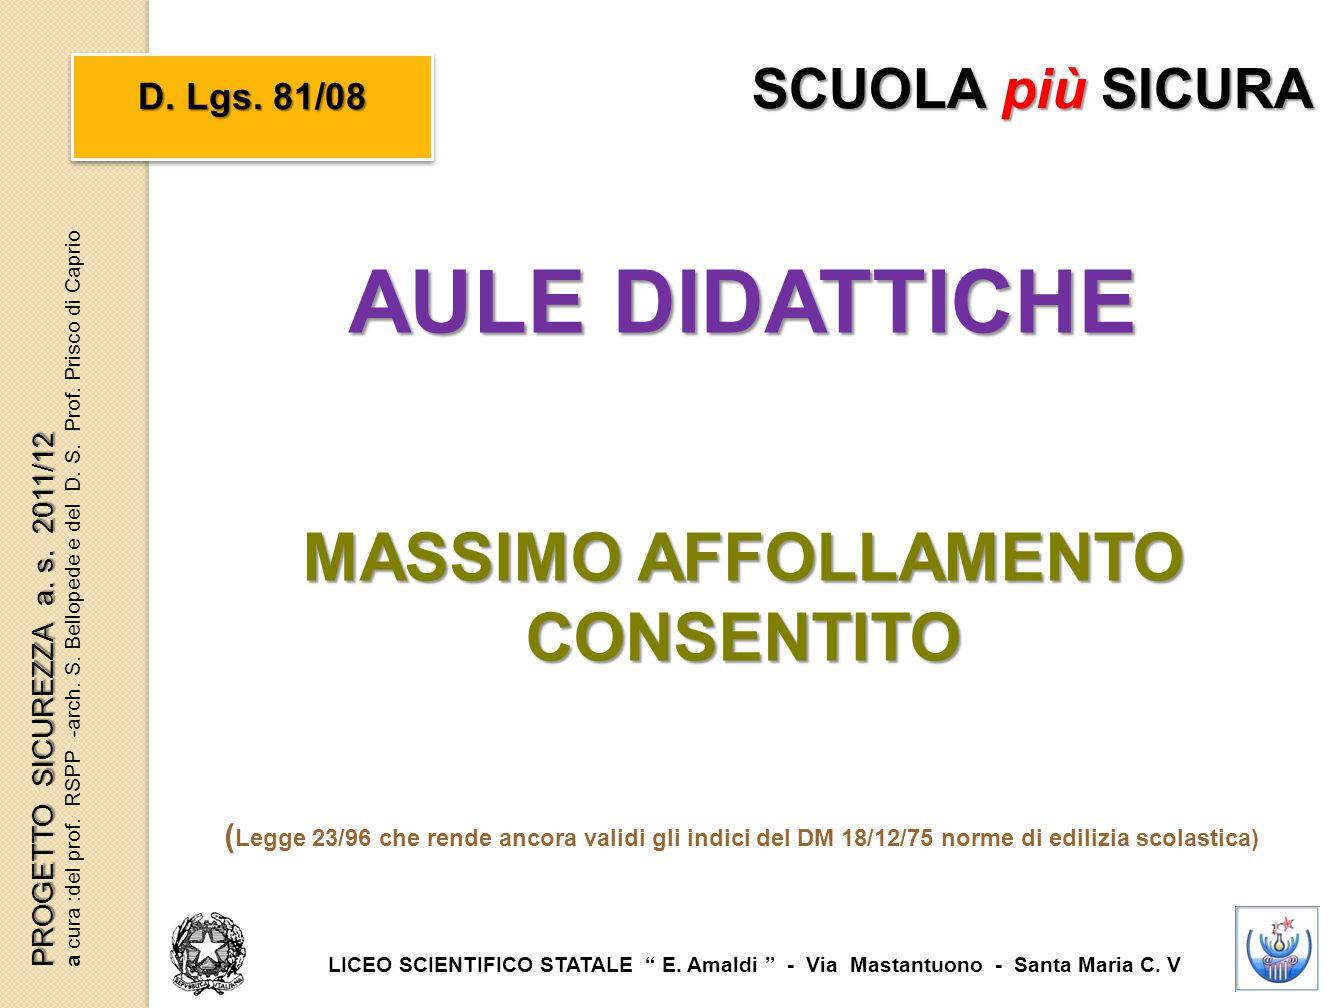 """AULE DIDATTICHE MASSIMO AFFOLLAMENTO CONSENTITO D. Lgs. 81/08 SCUOLA più SICURA LICEO SCIENTIFICO STATALE """" E. Amaldi """" - Via Mastantuono - Santa Mari"""